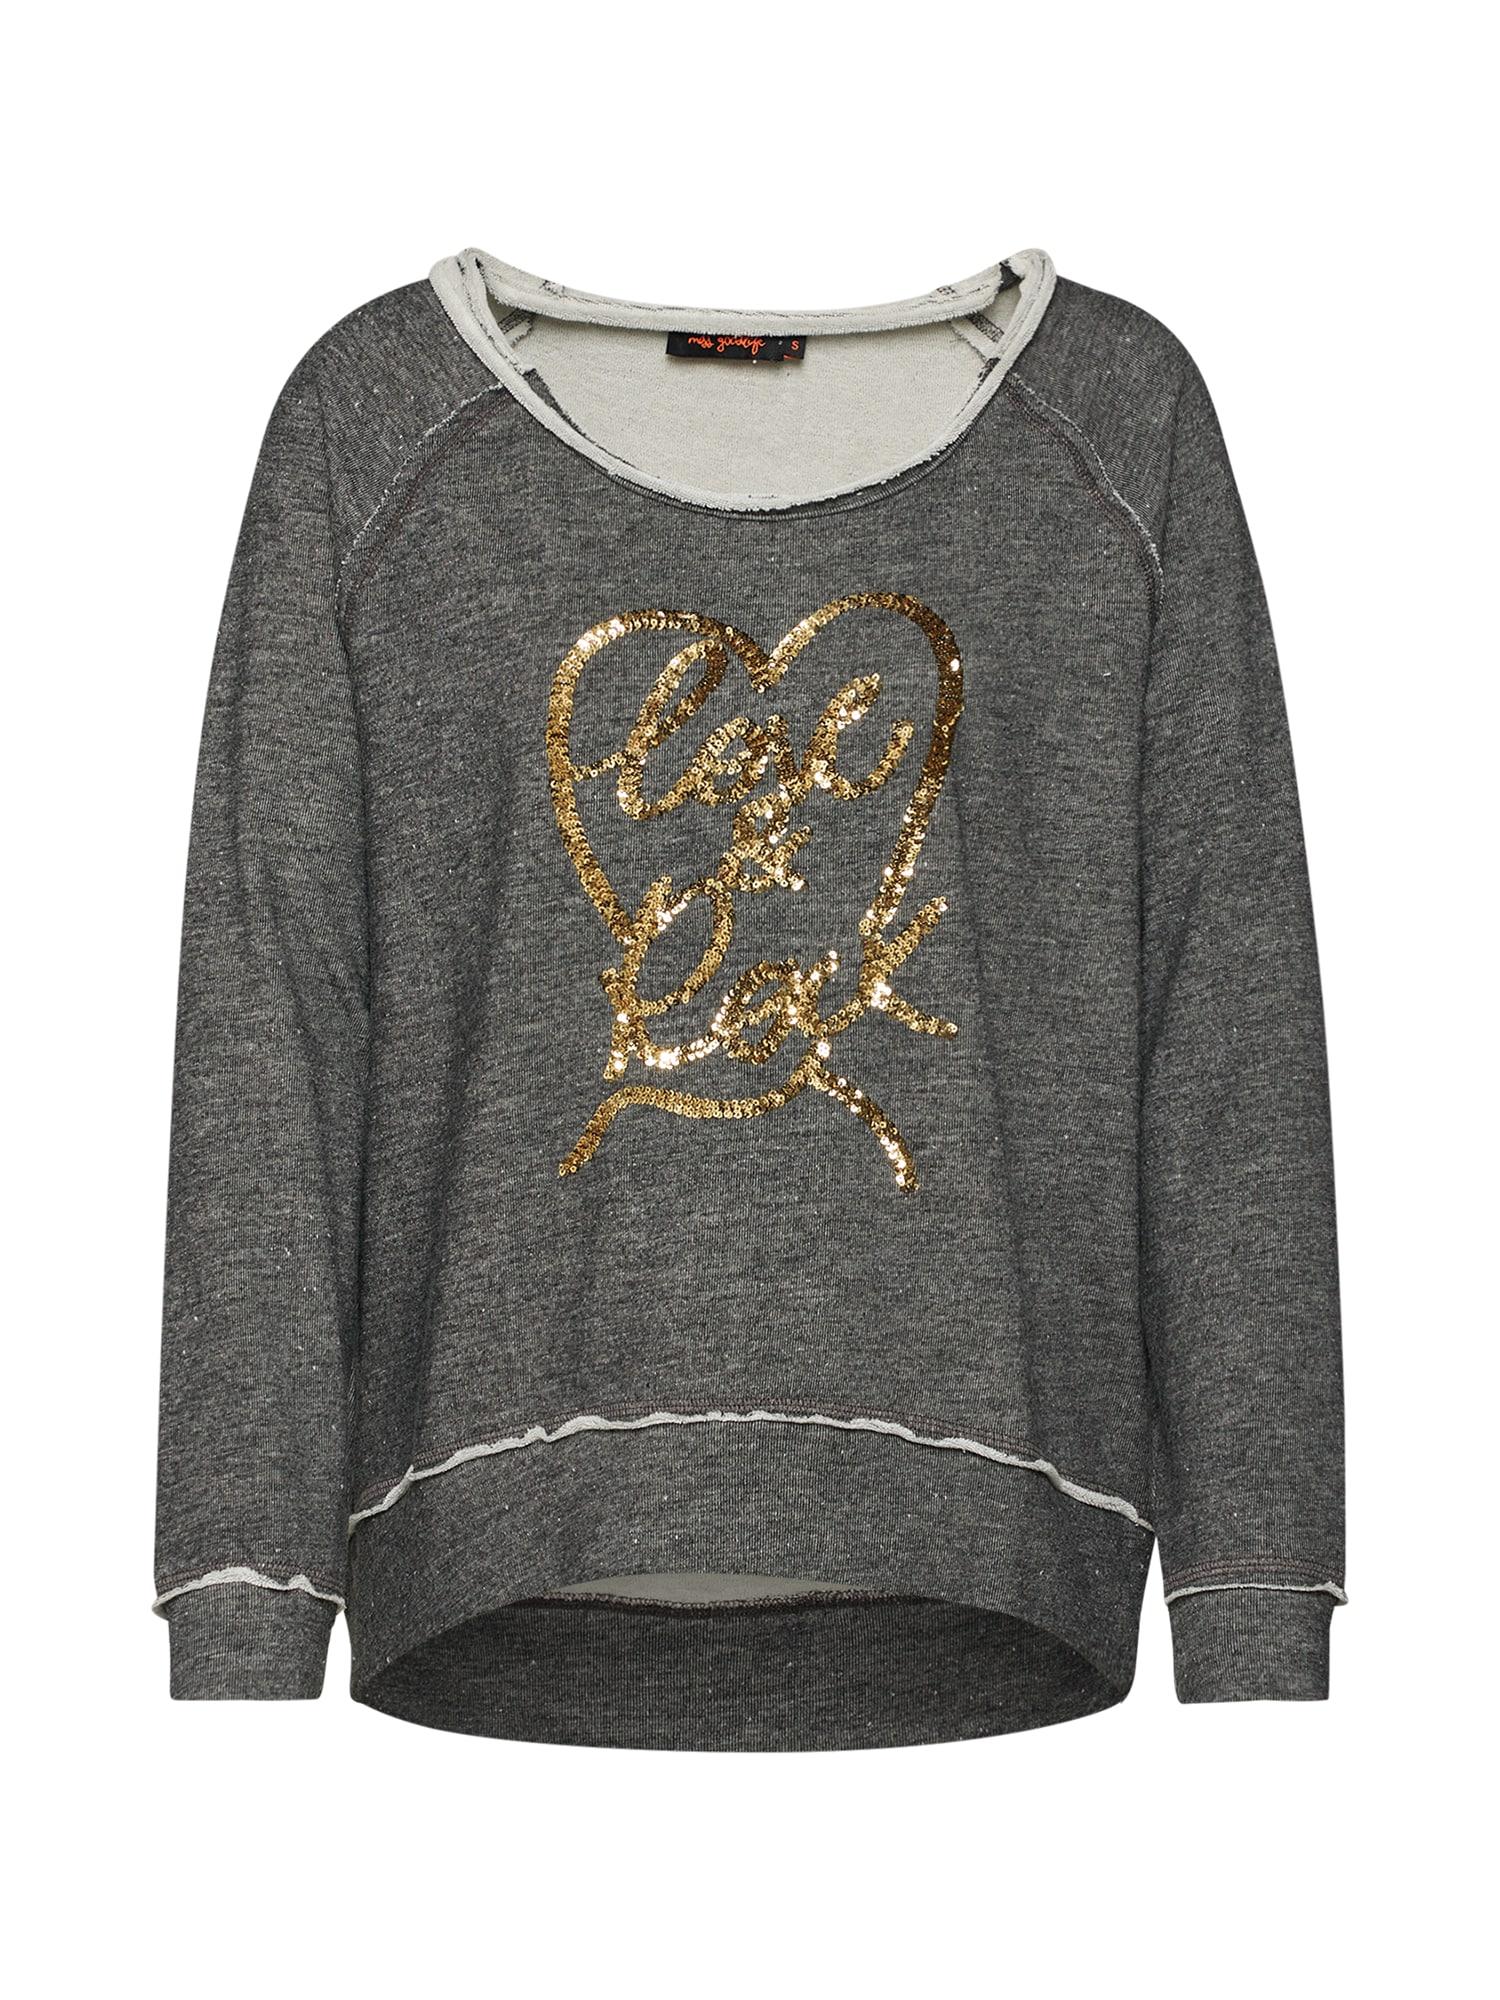 Miss Goodlife, Dames Sweatshirt 'Love & Rock', grijs